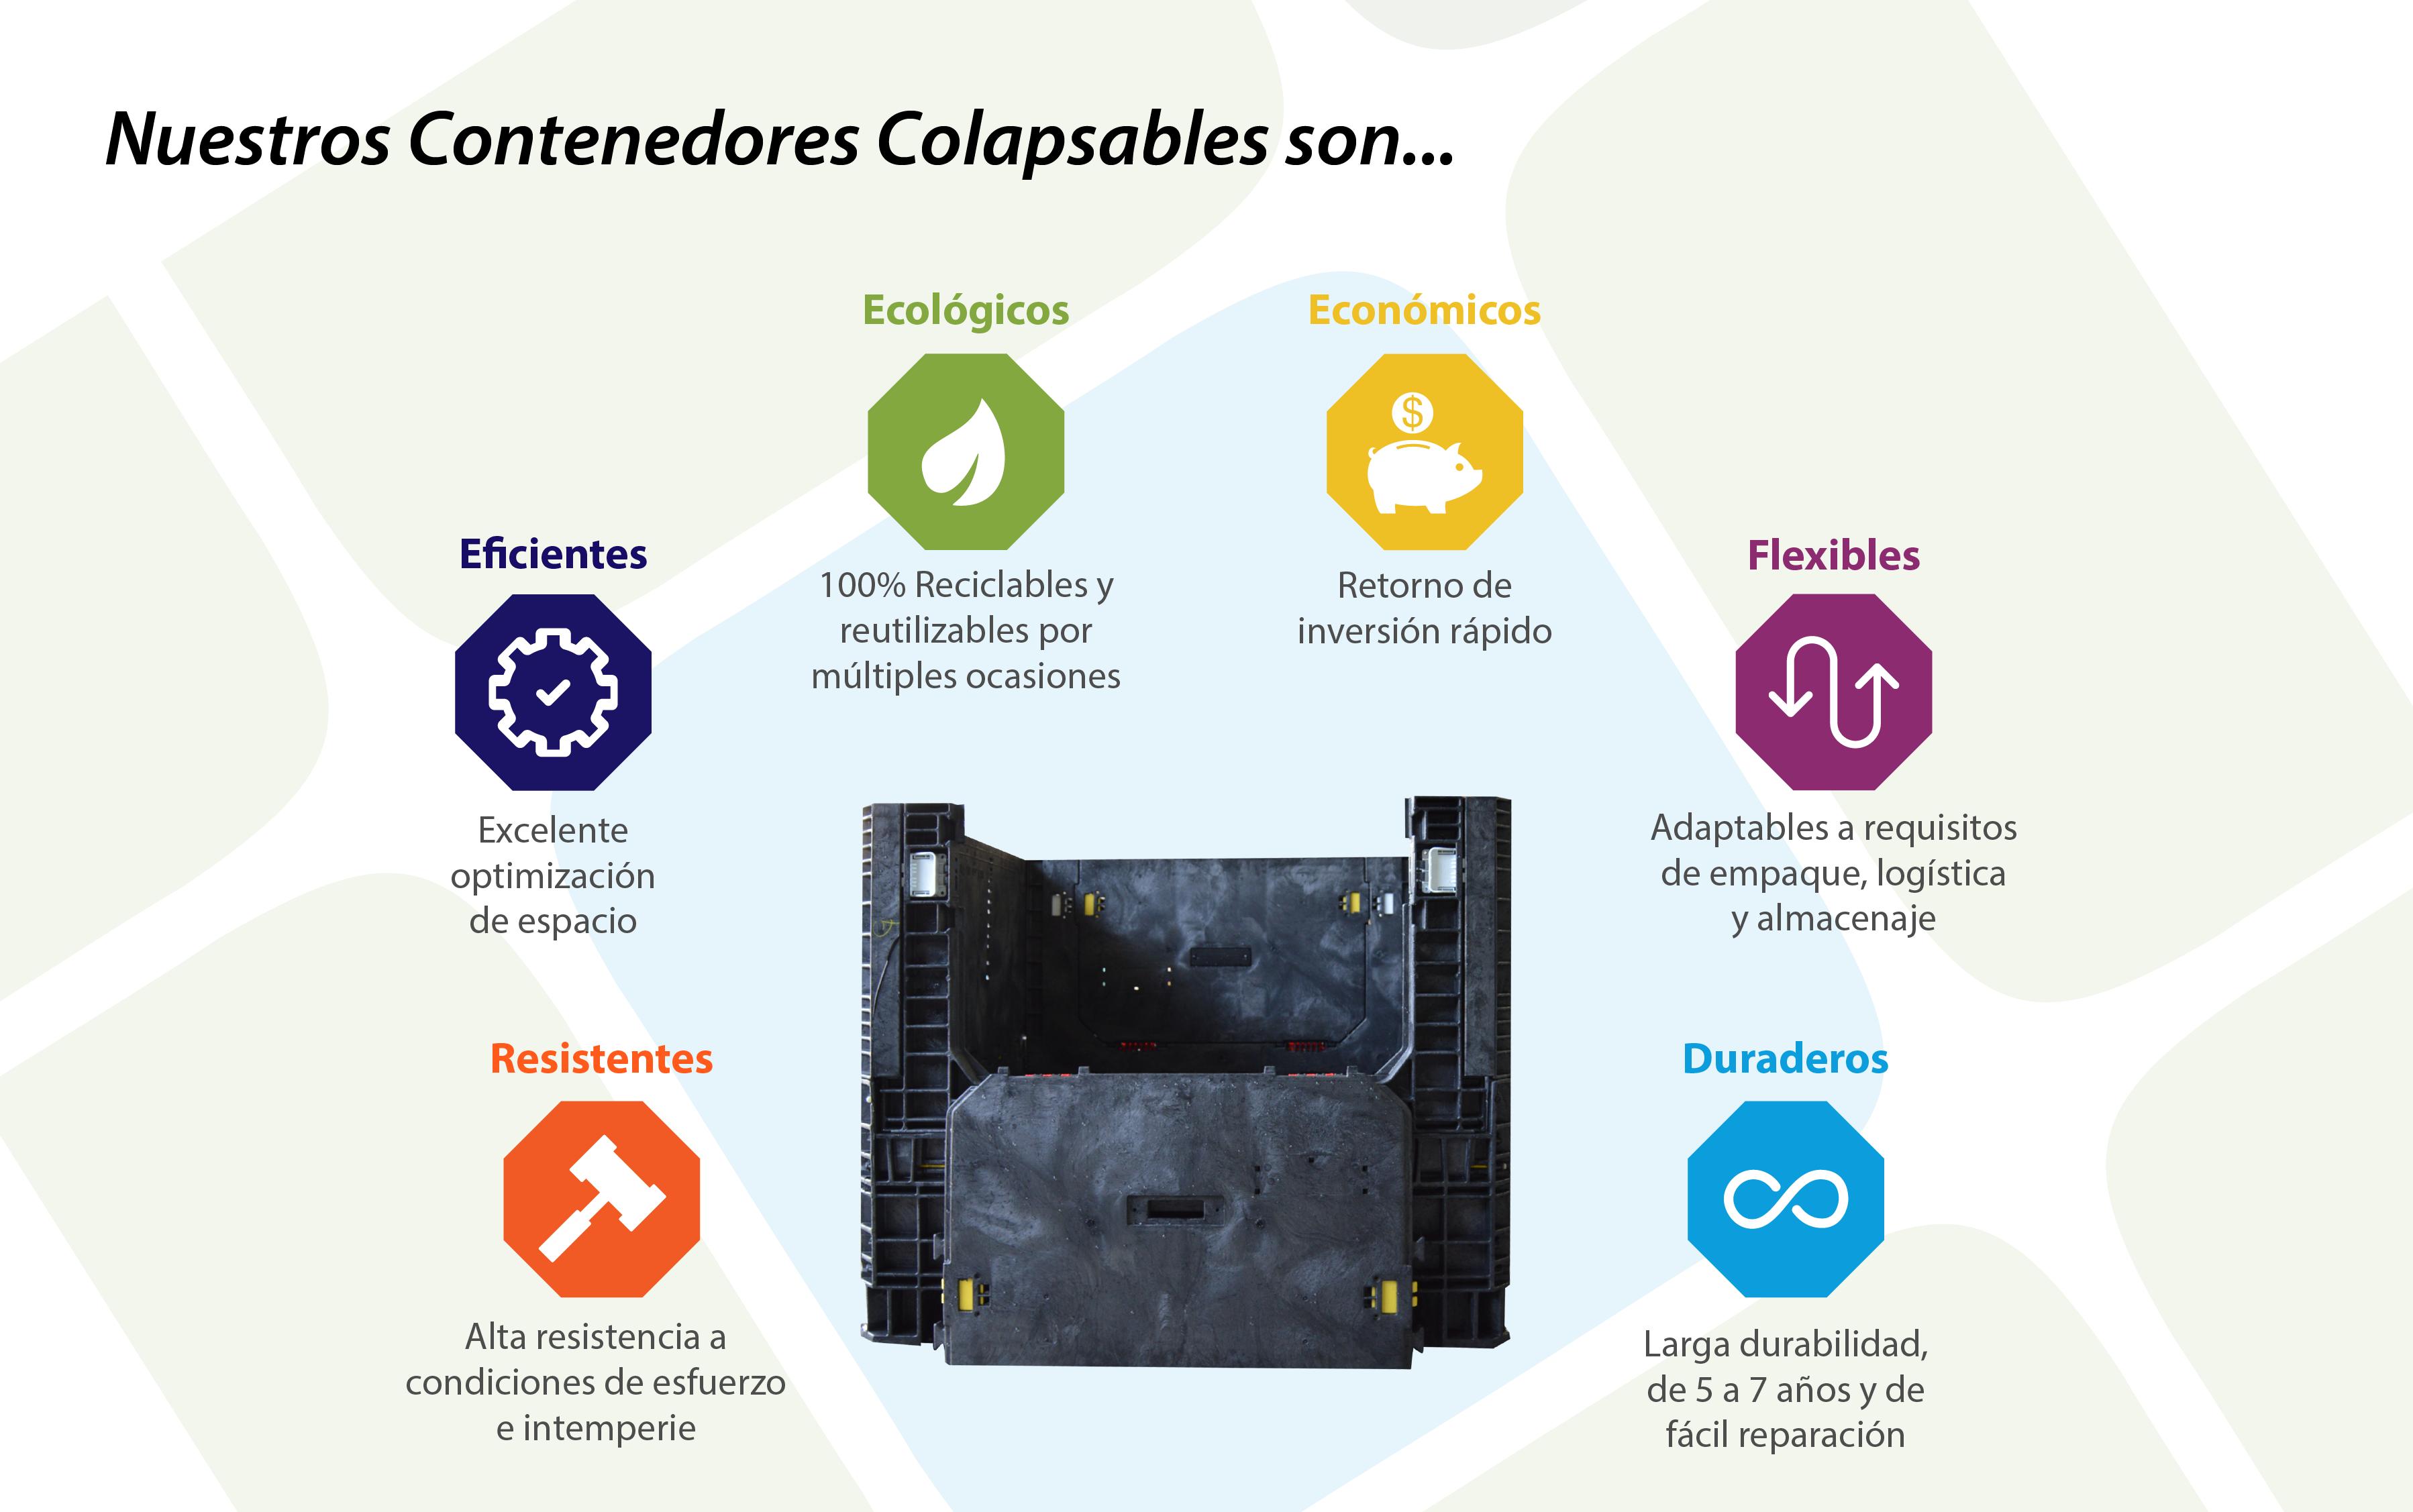 Contenedores Colapsables ventajas 01 - ¿Qué ventajas tienen los contenedores colapsables?